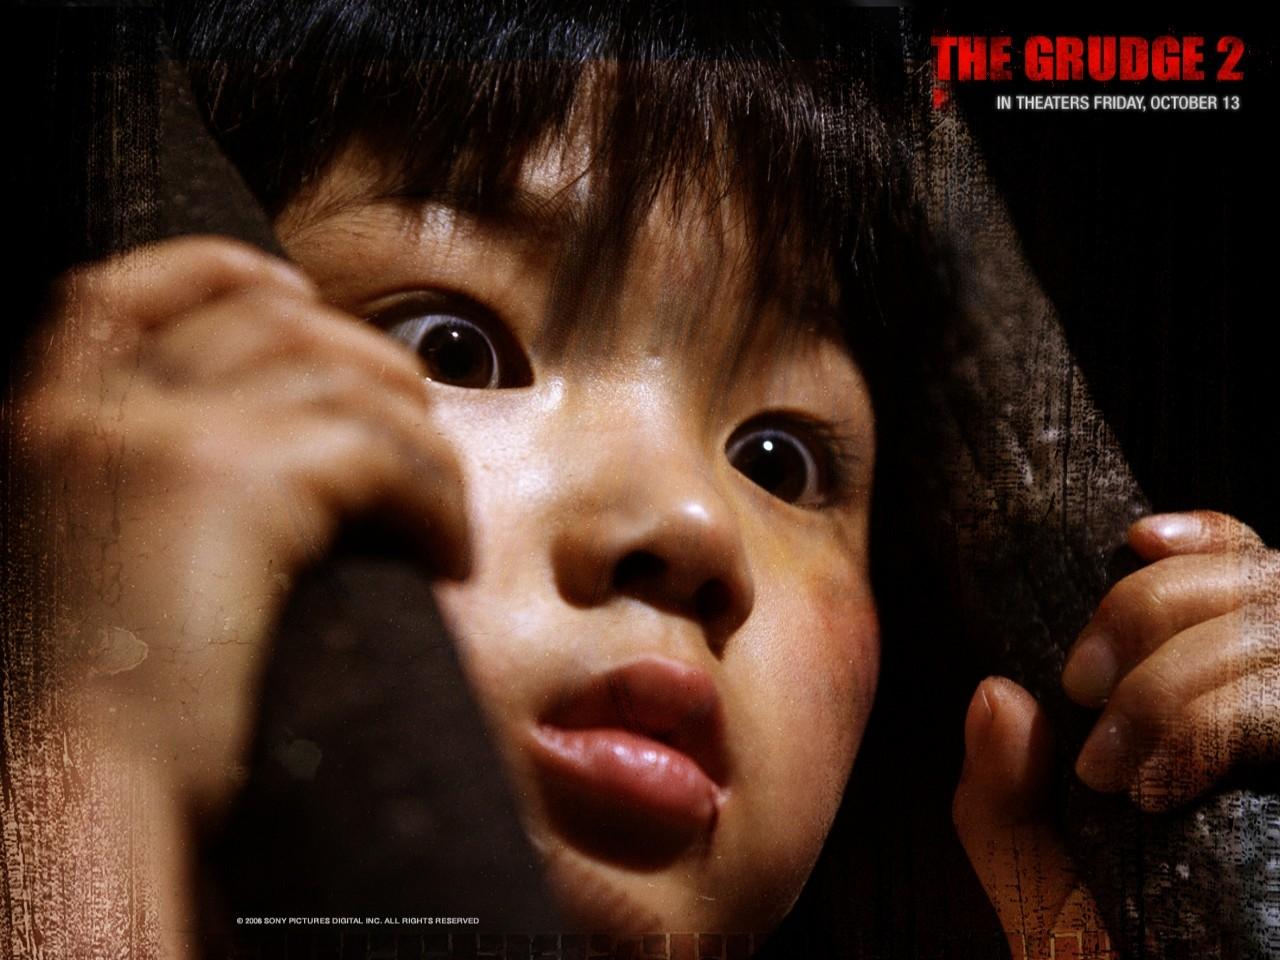 Wallpaper del film The Grudge 2